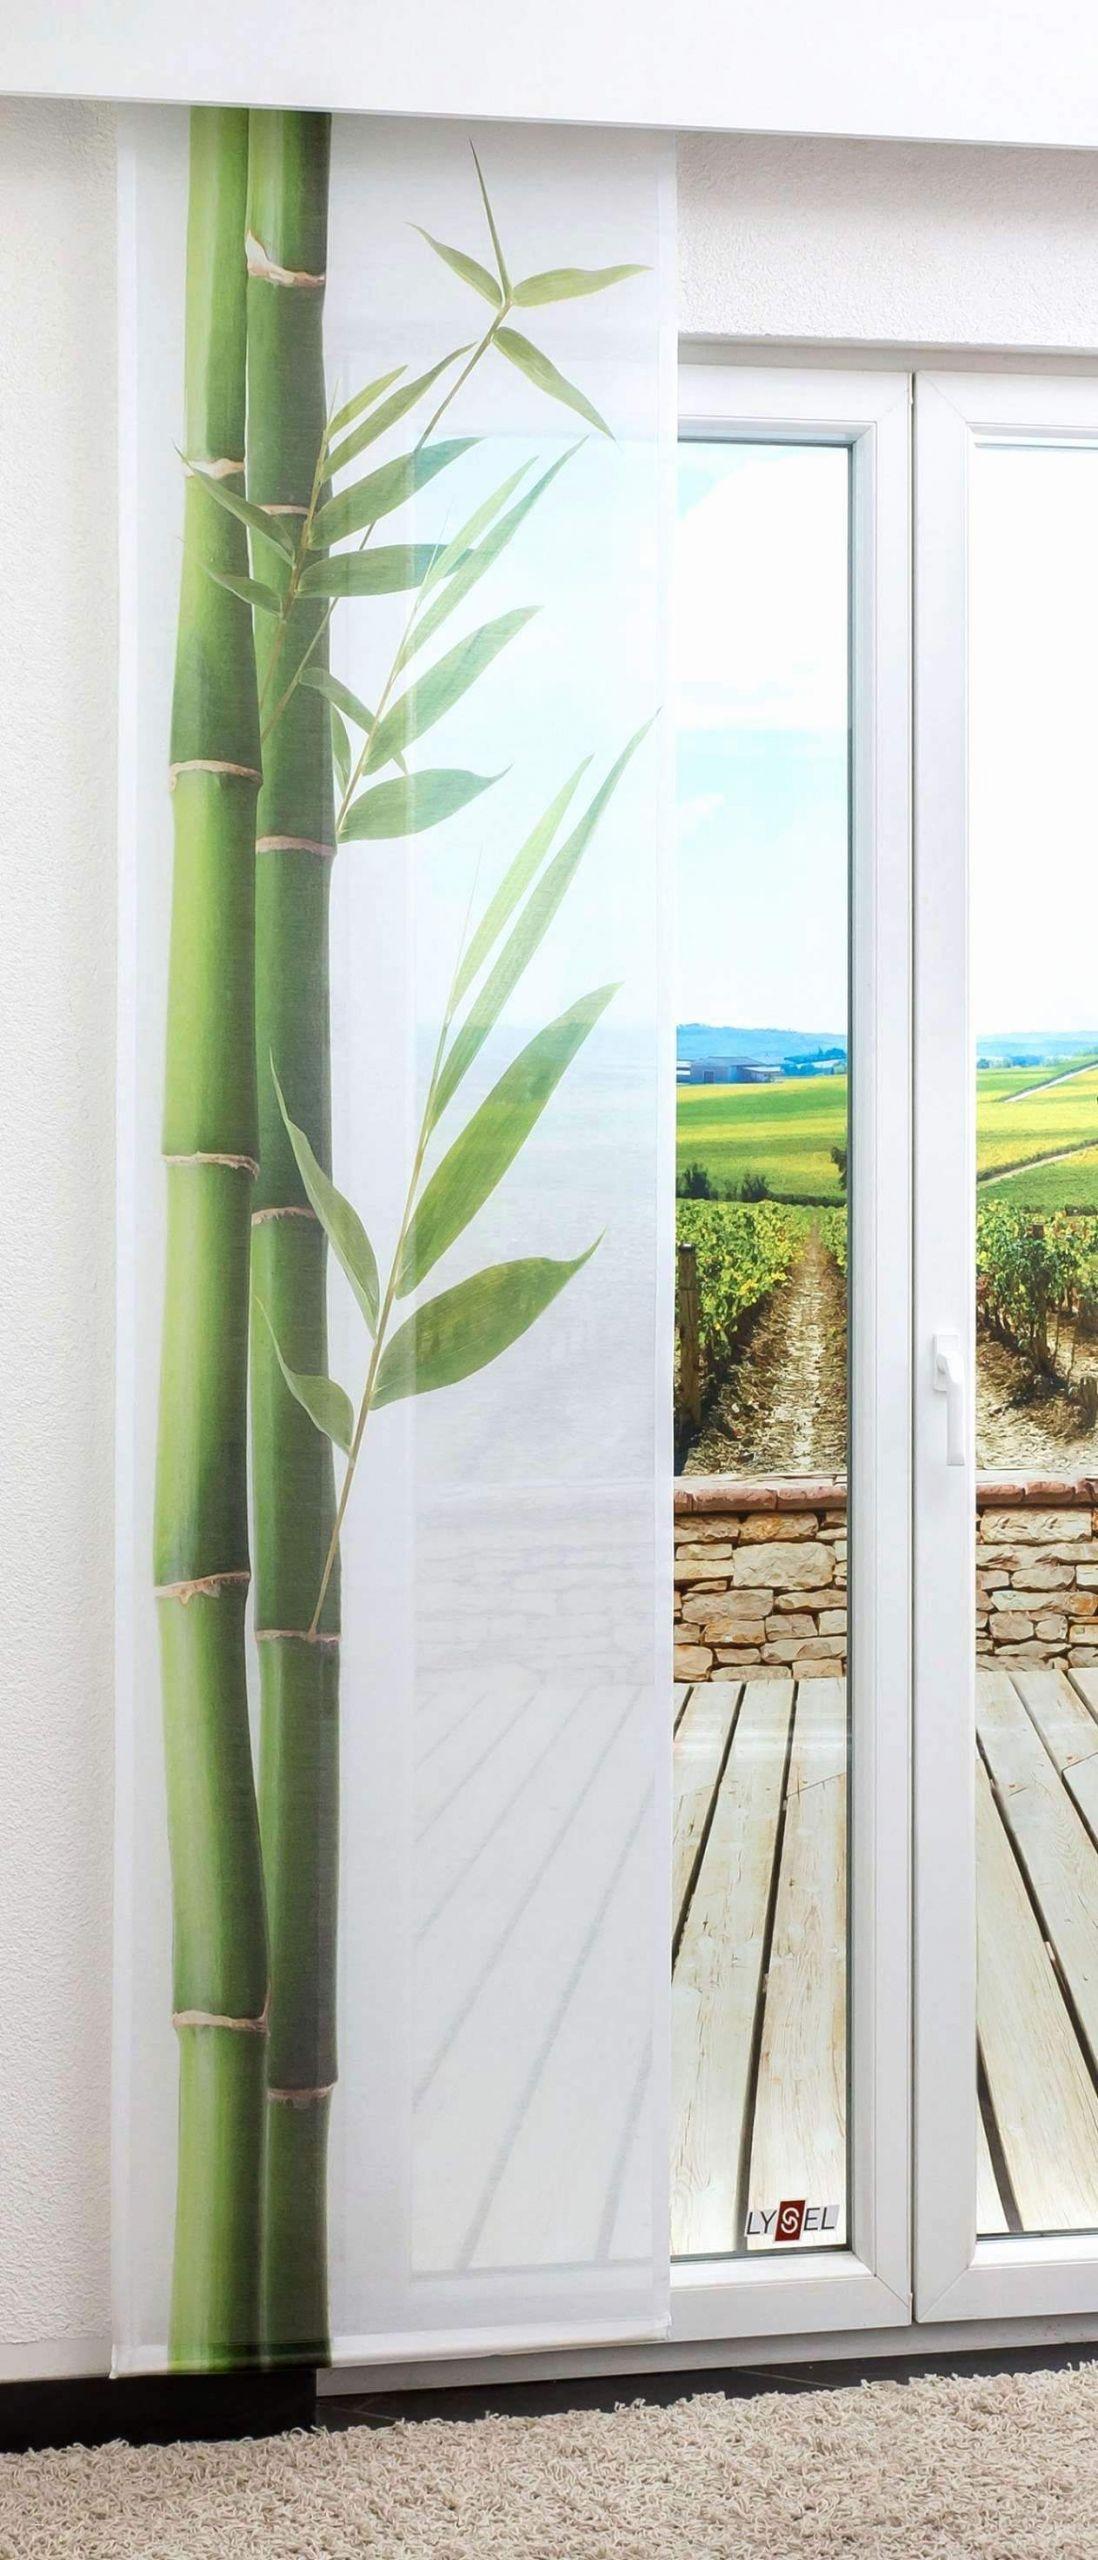 pflanze wohnzimmer einzigartig wohnzimmer wand ideen tipps von experten in sem jahr of pflanze wohnzimmer